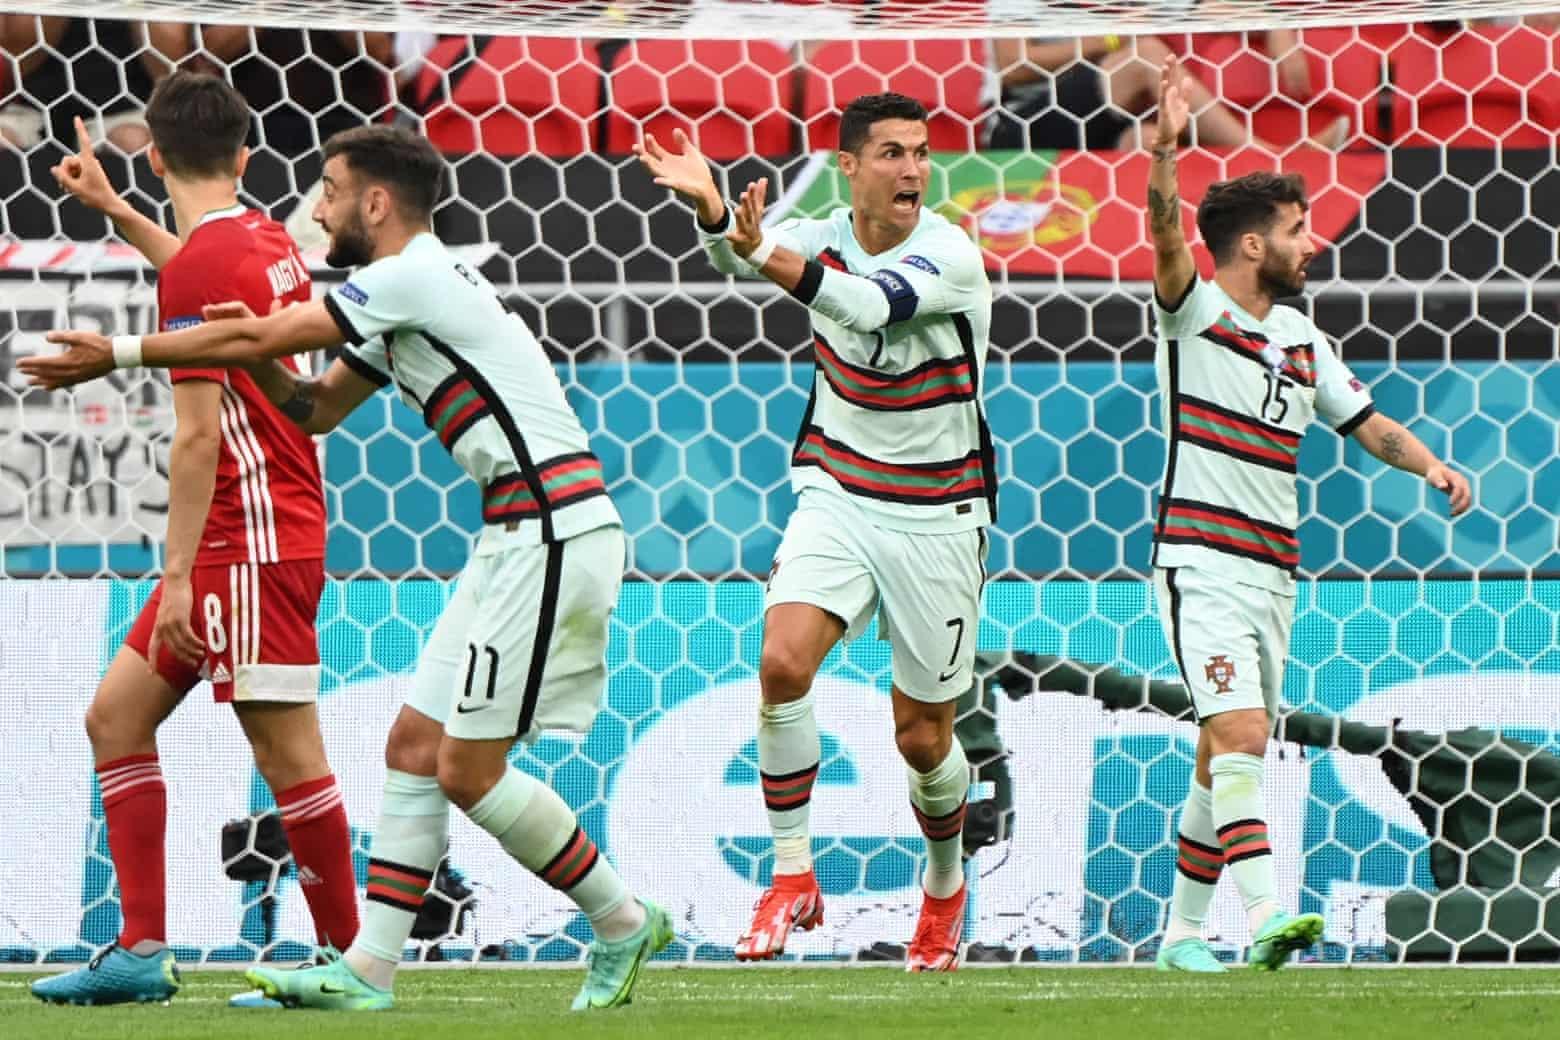 Ronaldo và Bruno Fernandes trong một pha khiếu nại, cho rằng bóng chạm tay cầu thủ Hungary trong vòng cấm đối phương. Ảnh: AFP